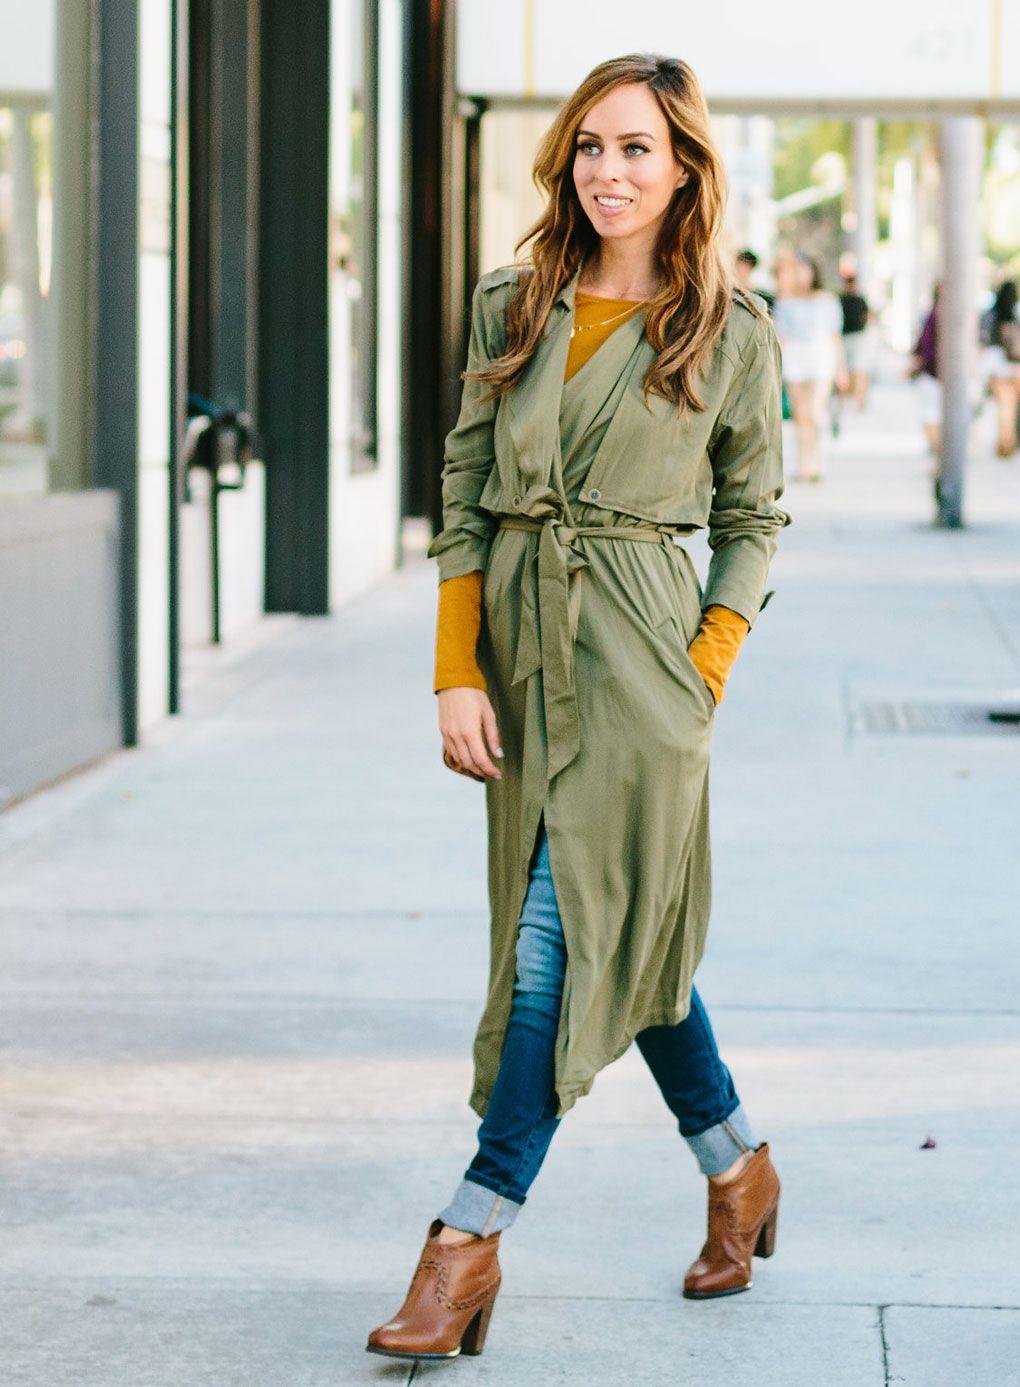 How To Wear Long Coats If You Re Short